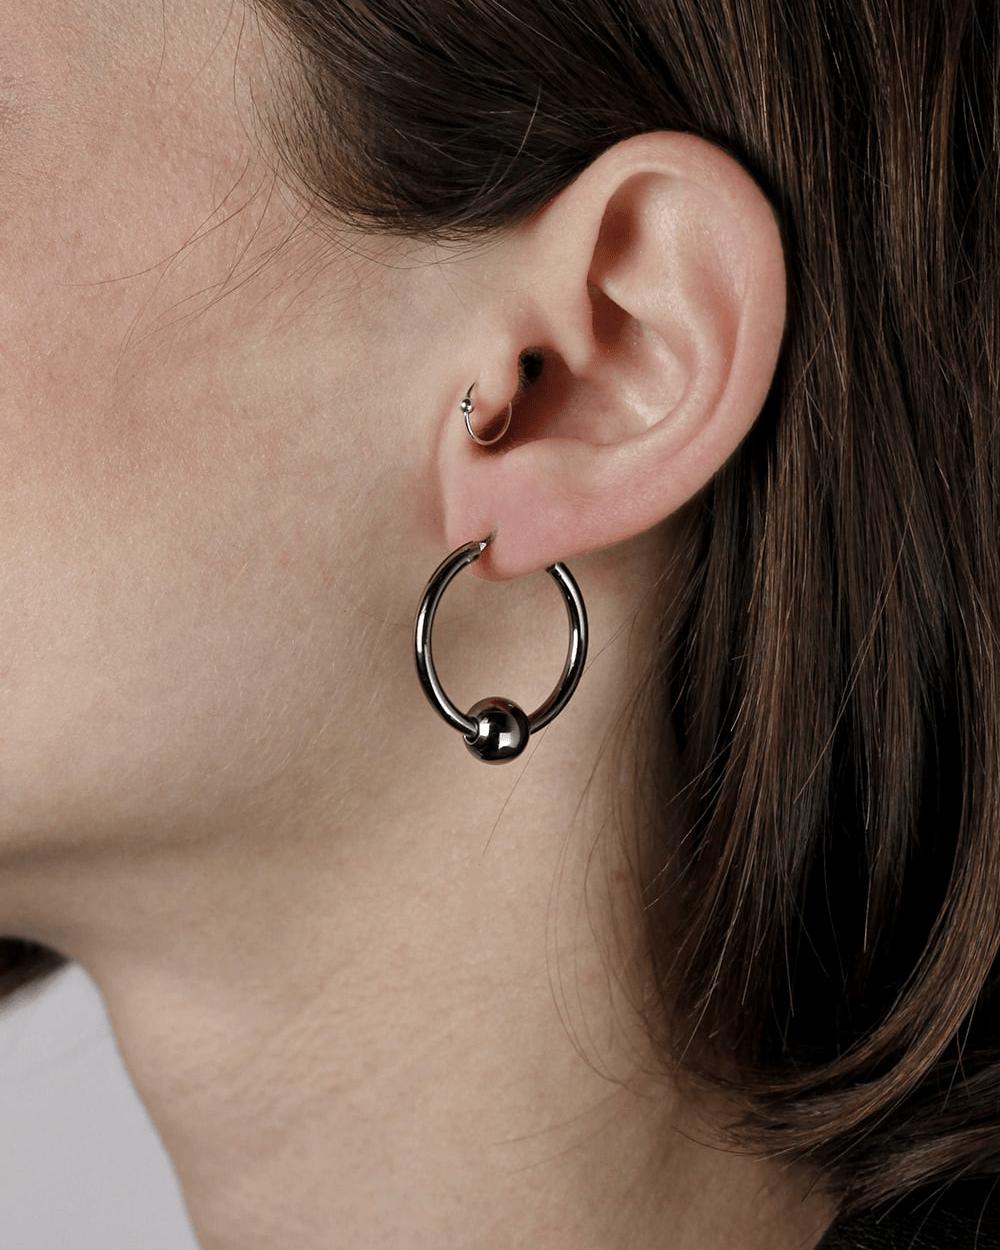 Earrings RUTHENIUM SPHERES PIERCING PAIR EARRINGS NOVE25